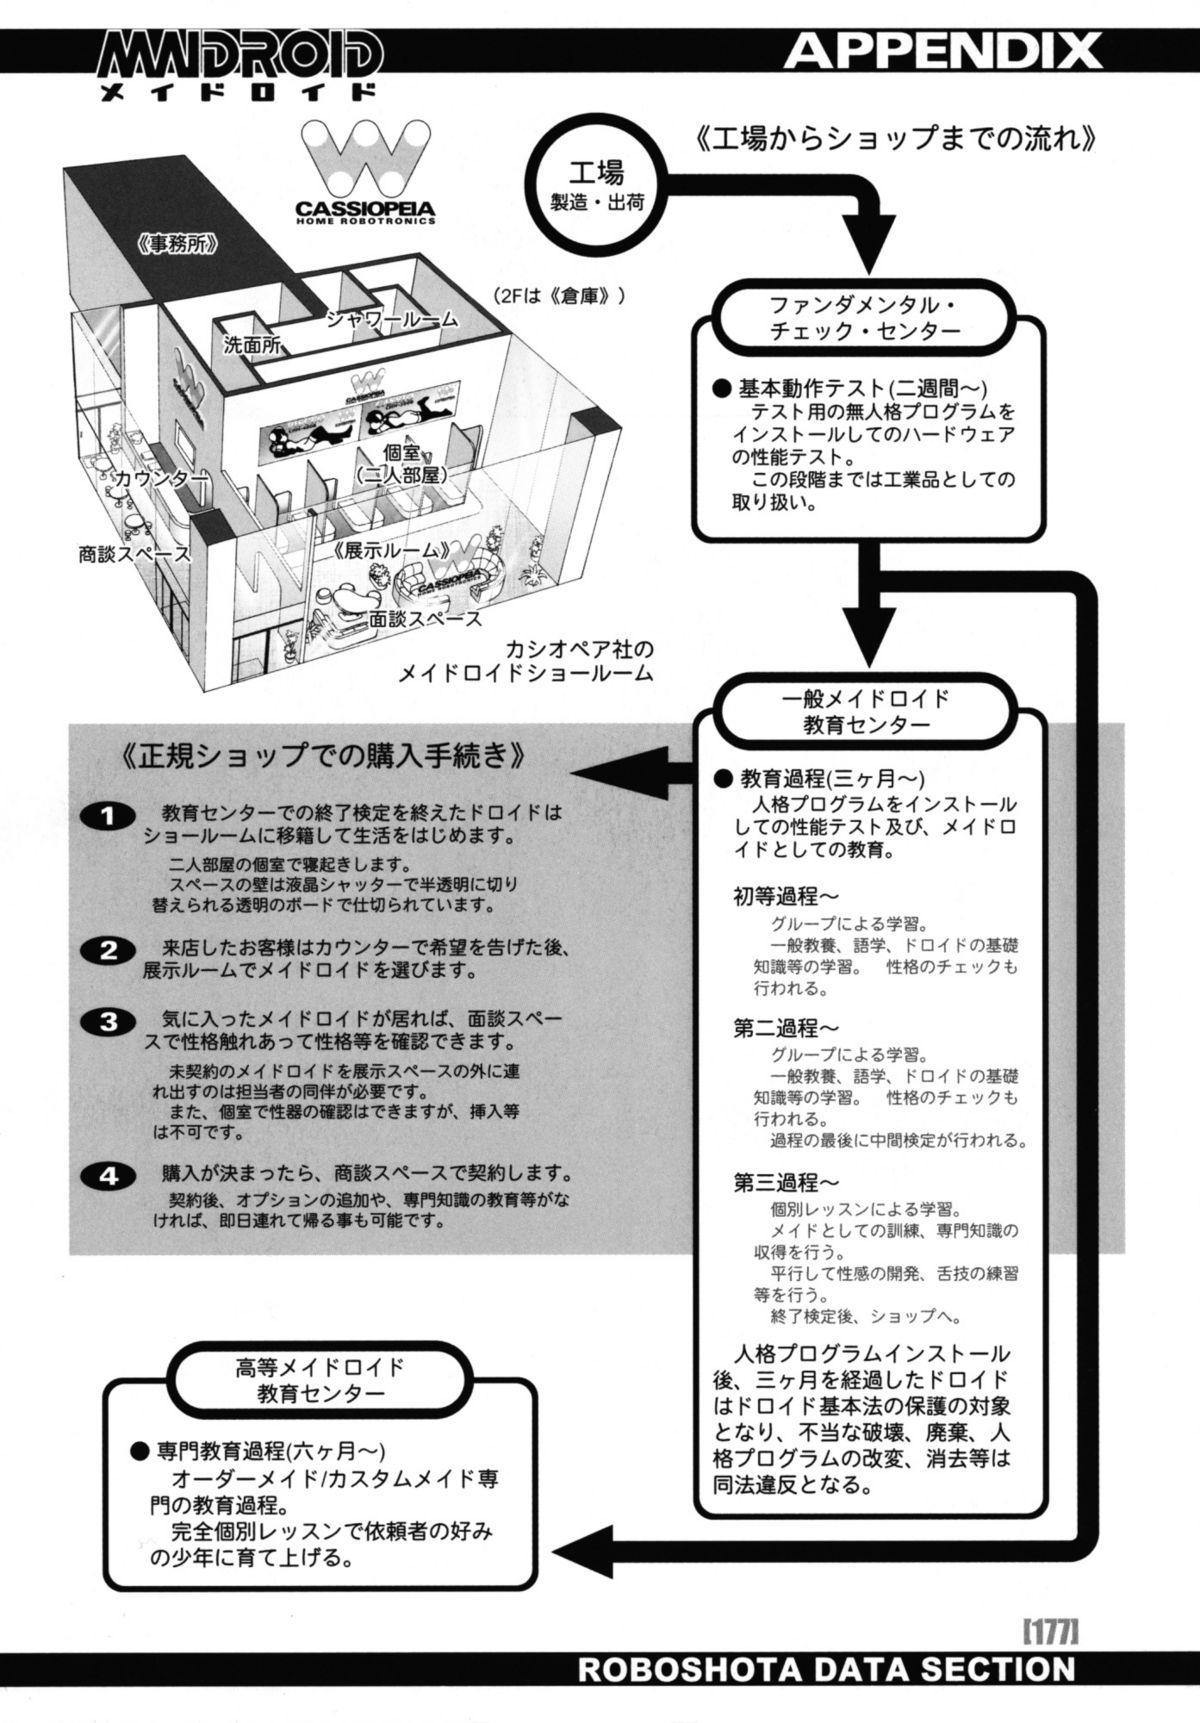 [Po-Ju] PO-JU WORKS - Po-Ju Shota Shougyoushi Zensakuhinshuu 1998-2009 184